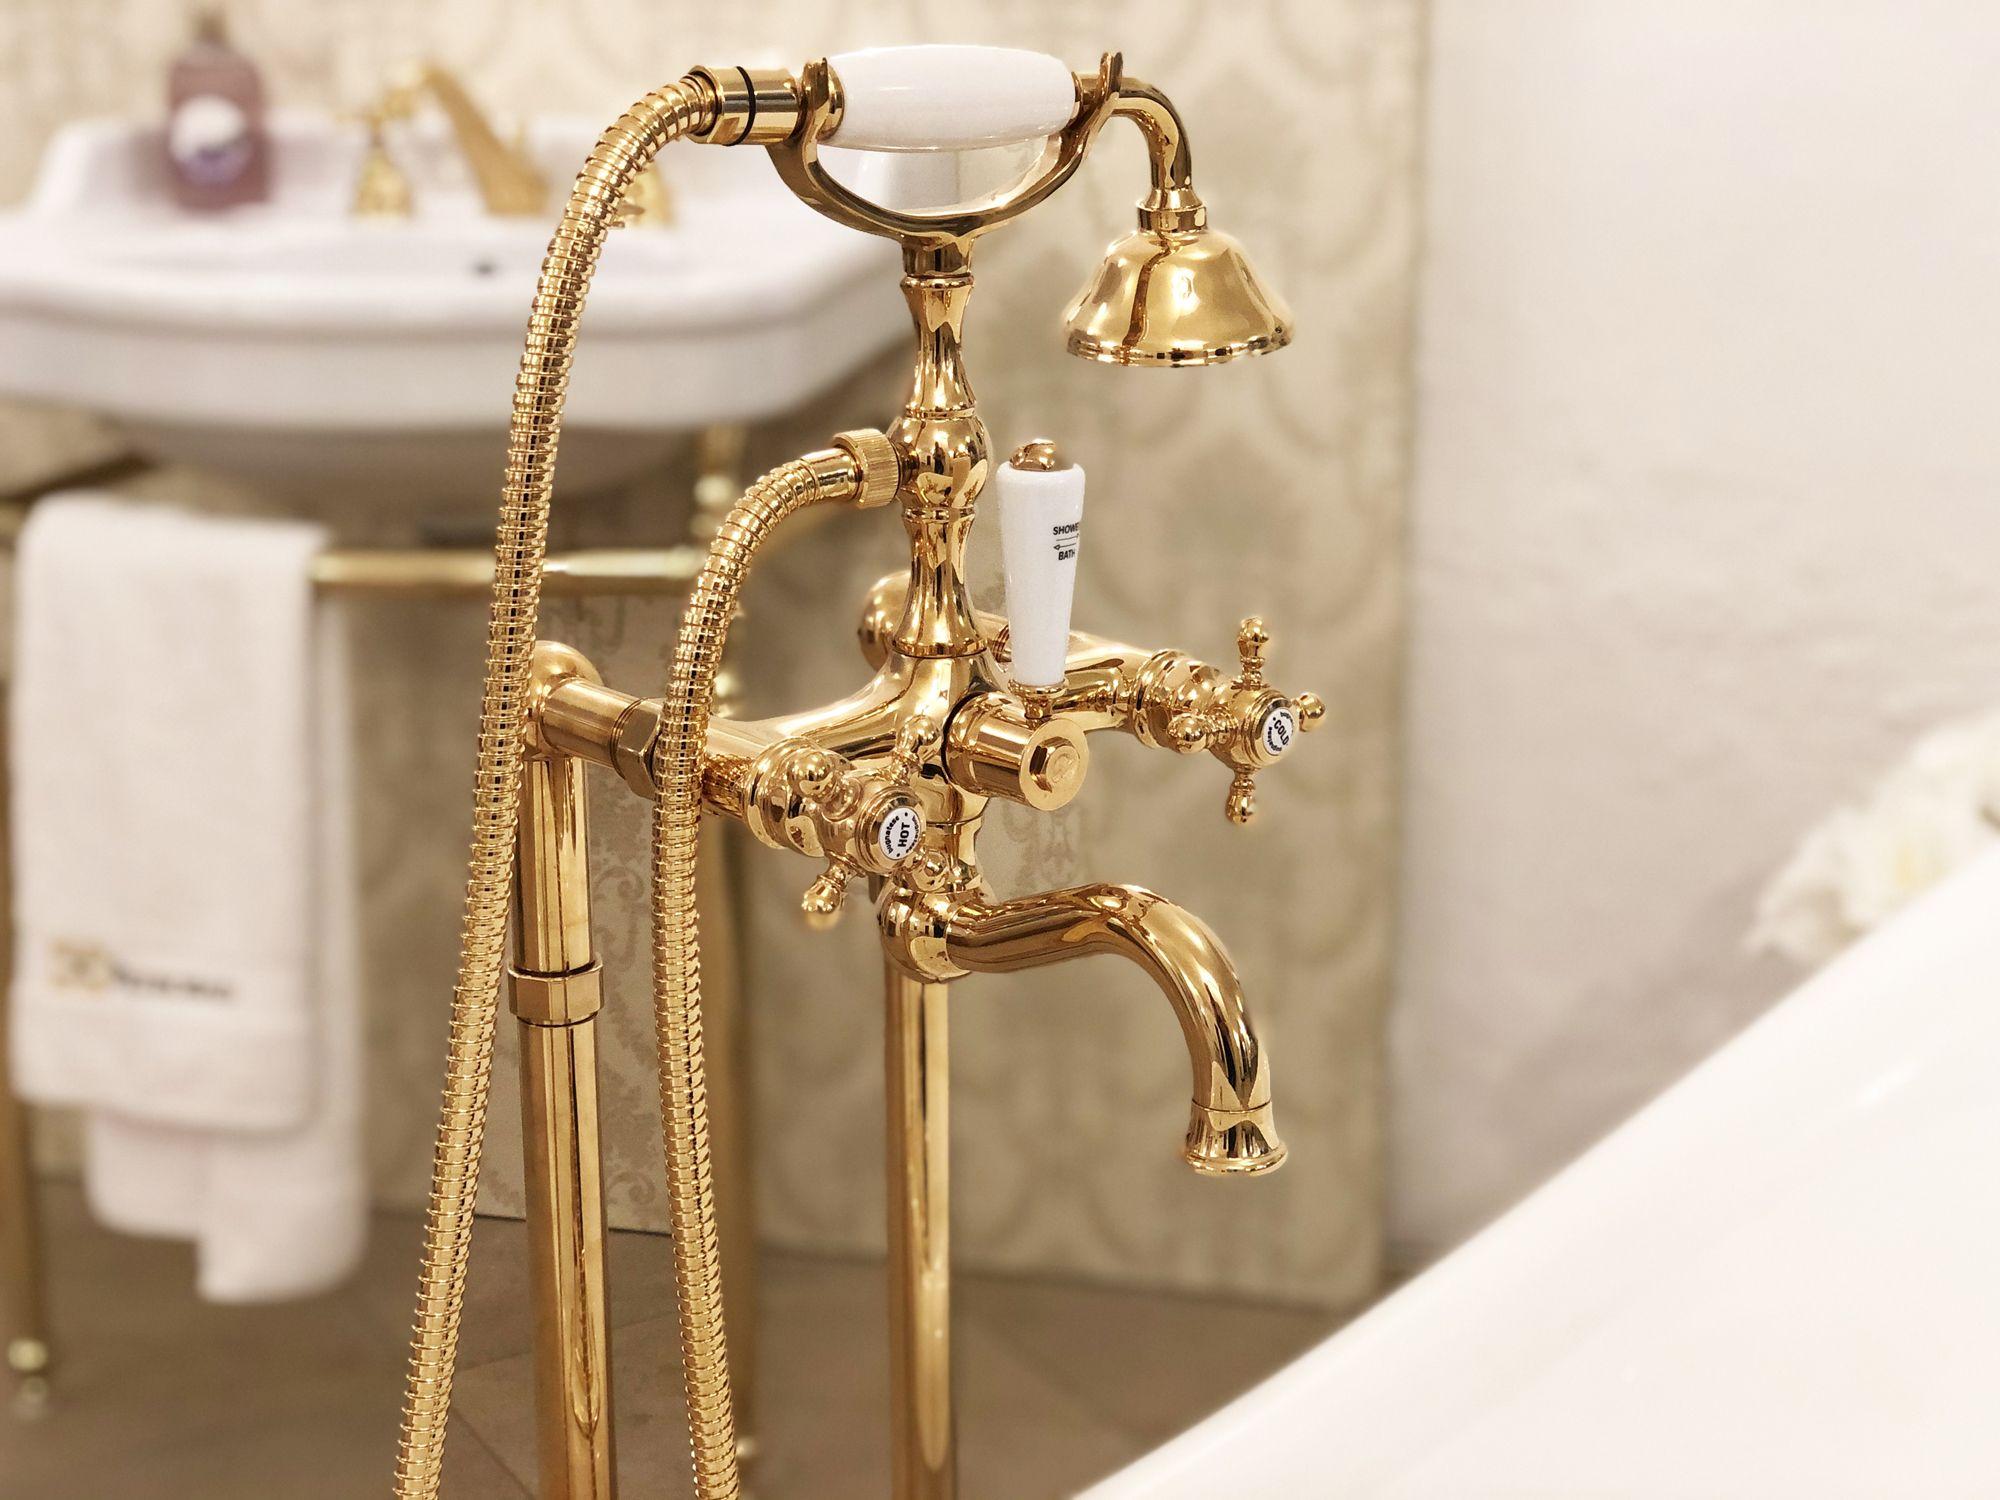 Bringen Sie Glanz In Ihr Badezimmer Mit Goldenen Armaturen Standarmatur Arcadia Bring Some Glamor To Your Bathroom With Go Armaturen Badewannenarmatur Bronze